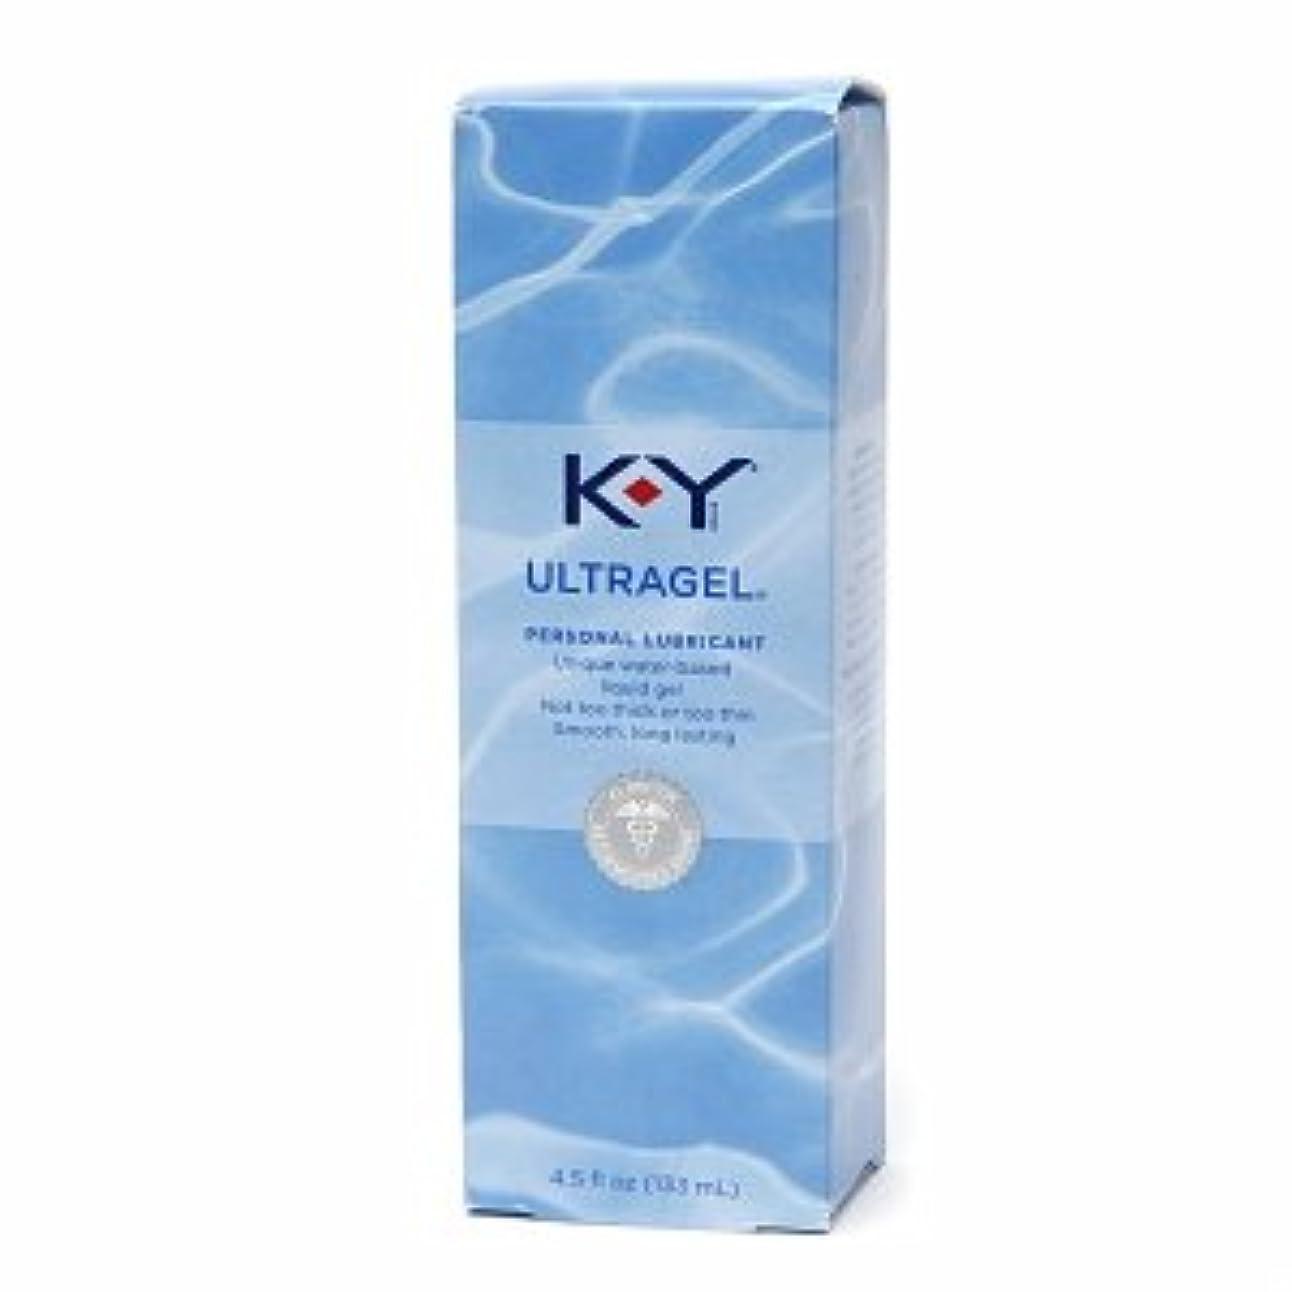 トランスミッション後さらに074 不感症で濡れにくい方へ【高級潤滑剤 KYゼリー】 水溶性の潤滑ジェル42g 海外直送品